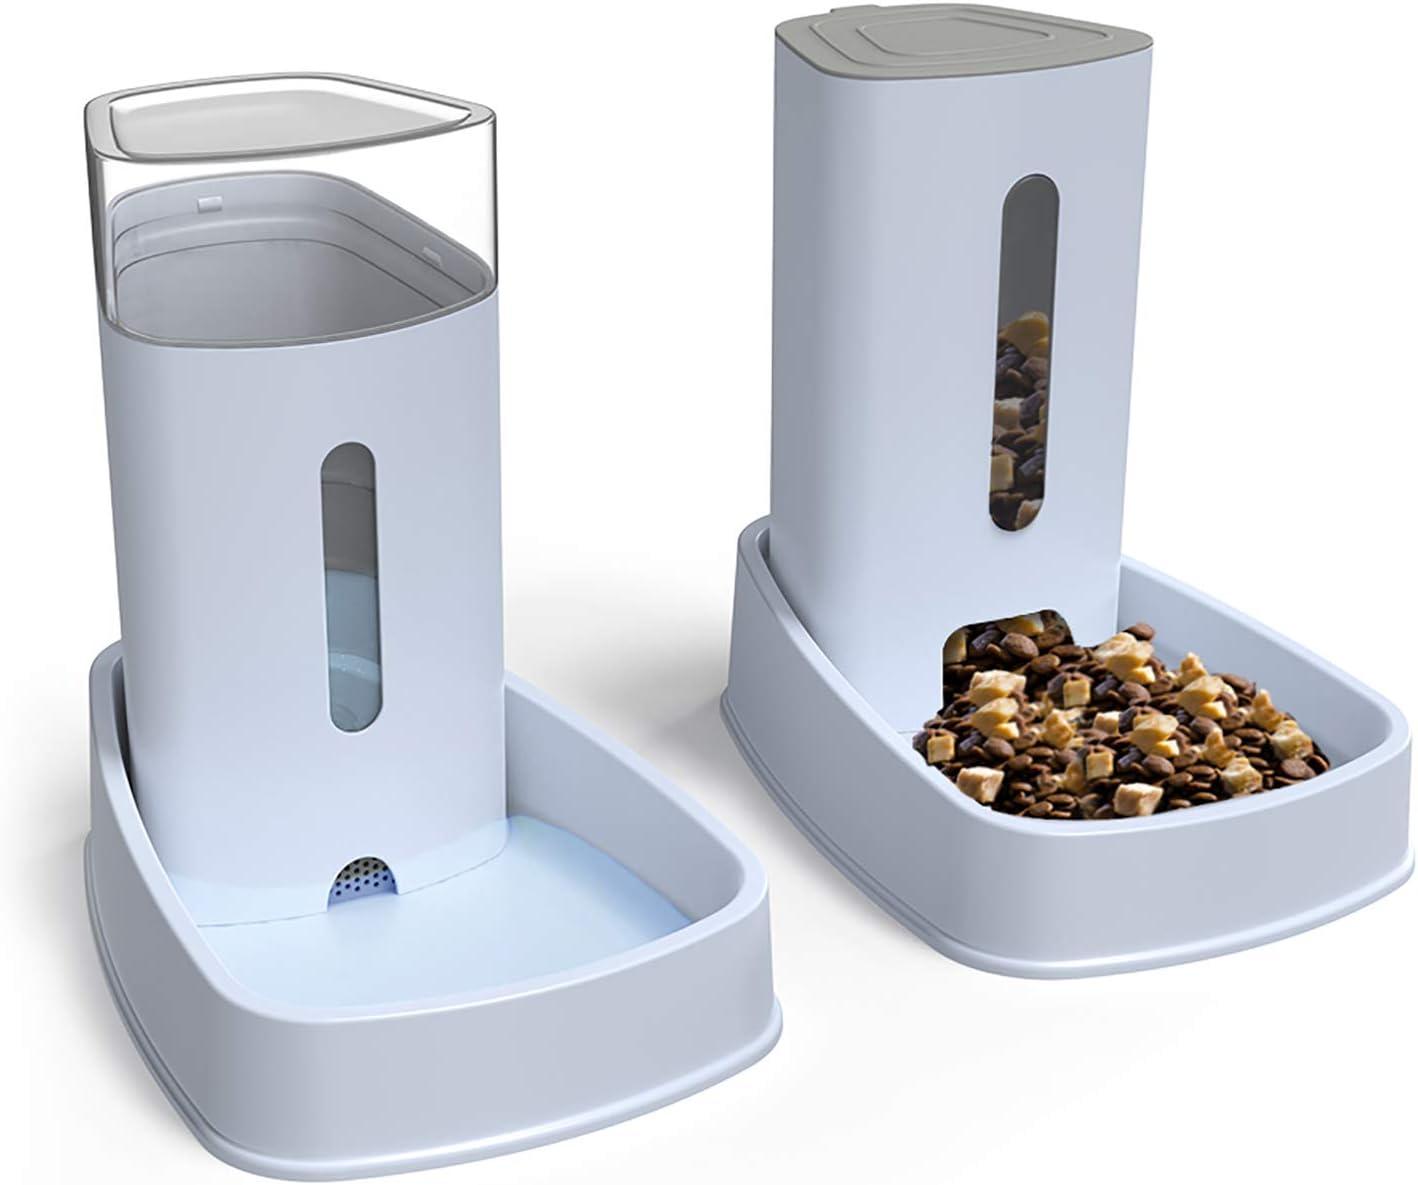 YGJT Dispensador Automático de Comida y Agua para Gatos y Perros 2 Piezas 3.8Lx2 Comederos y Bebedero para Alimentos Fuente Agua Alimentador Accesorios Mascotas